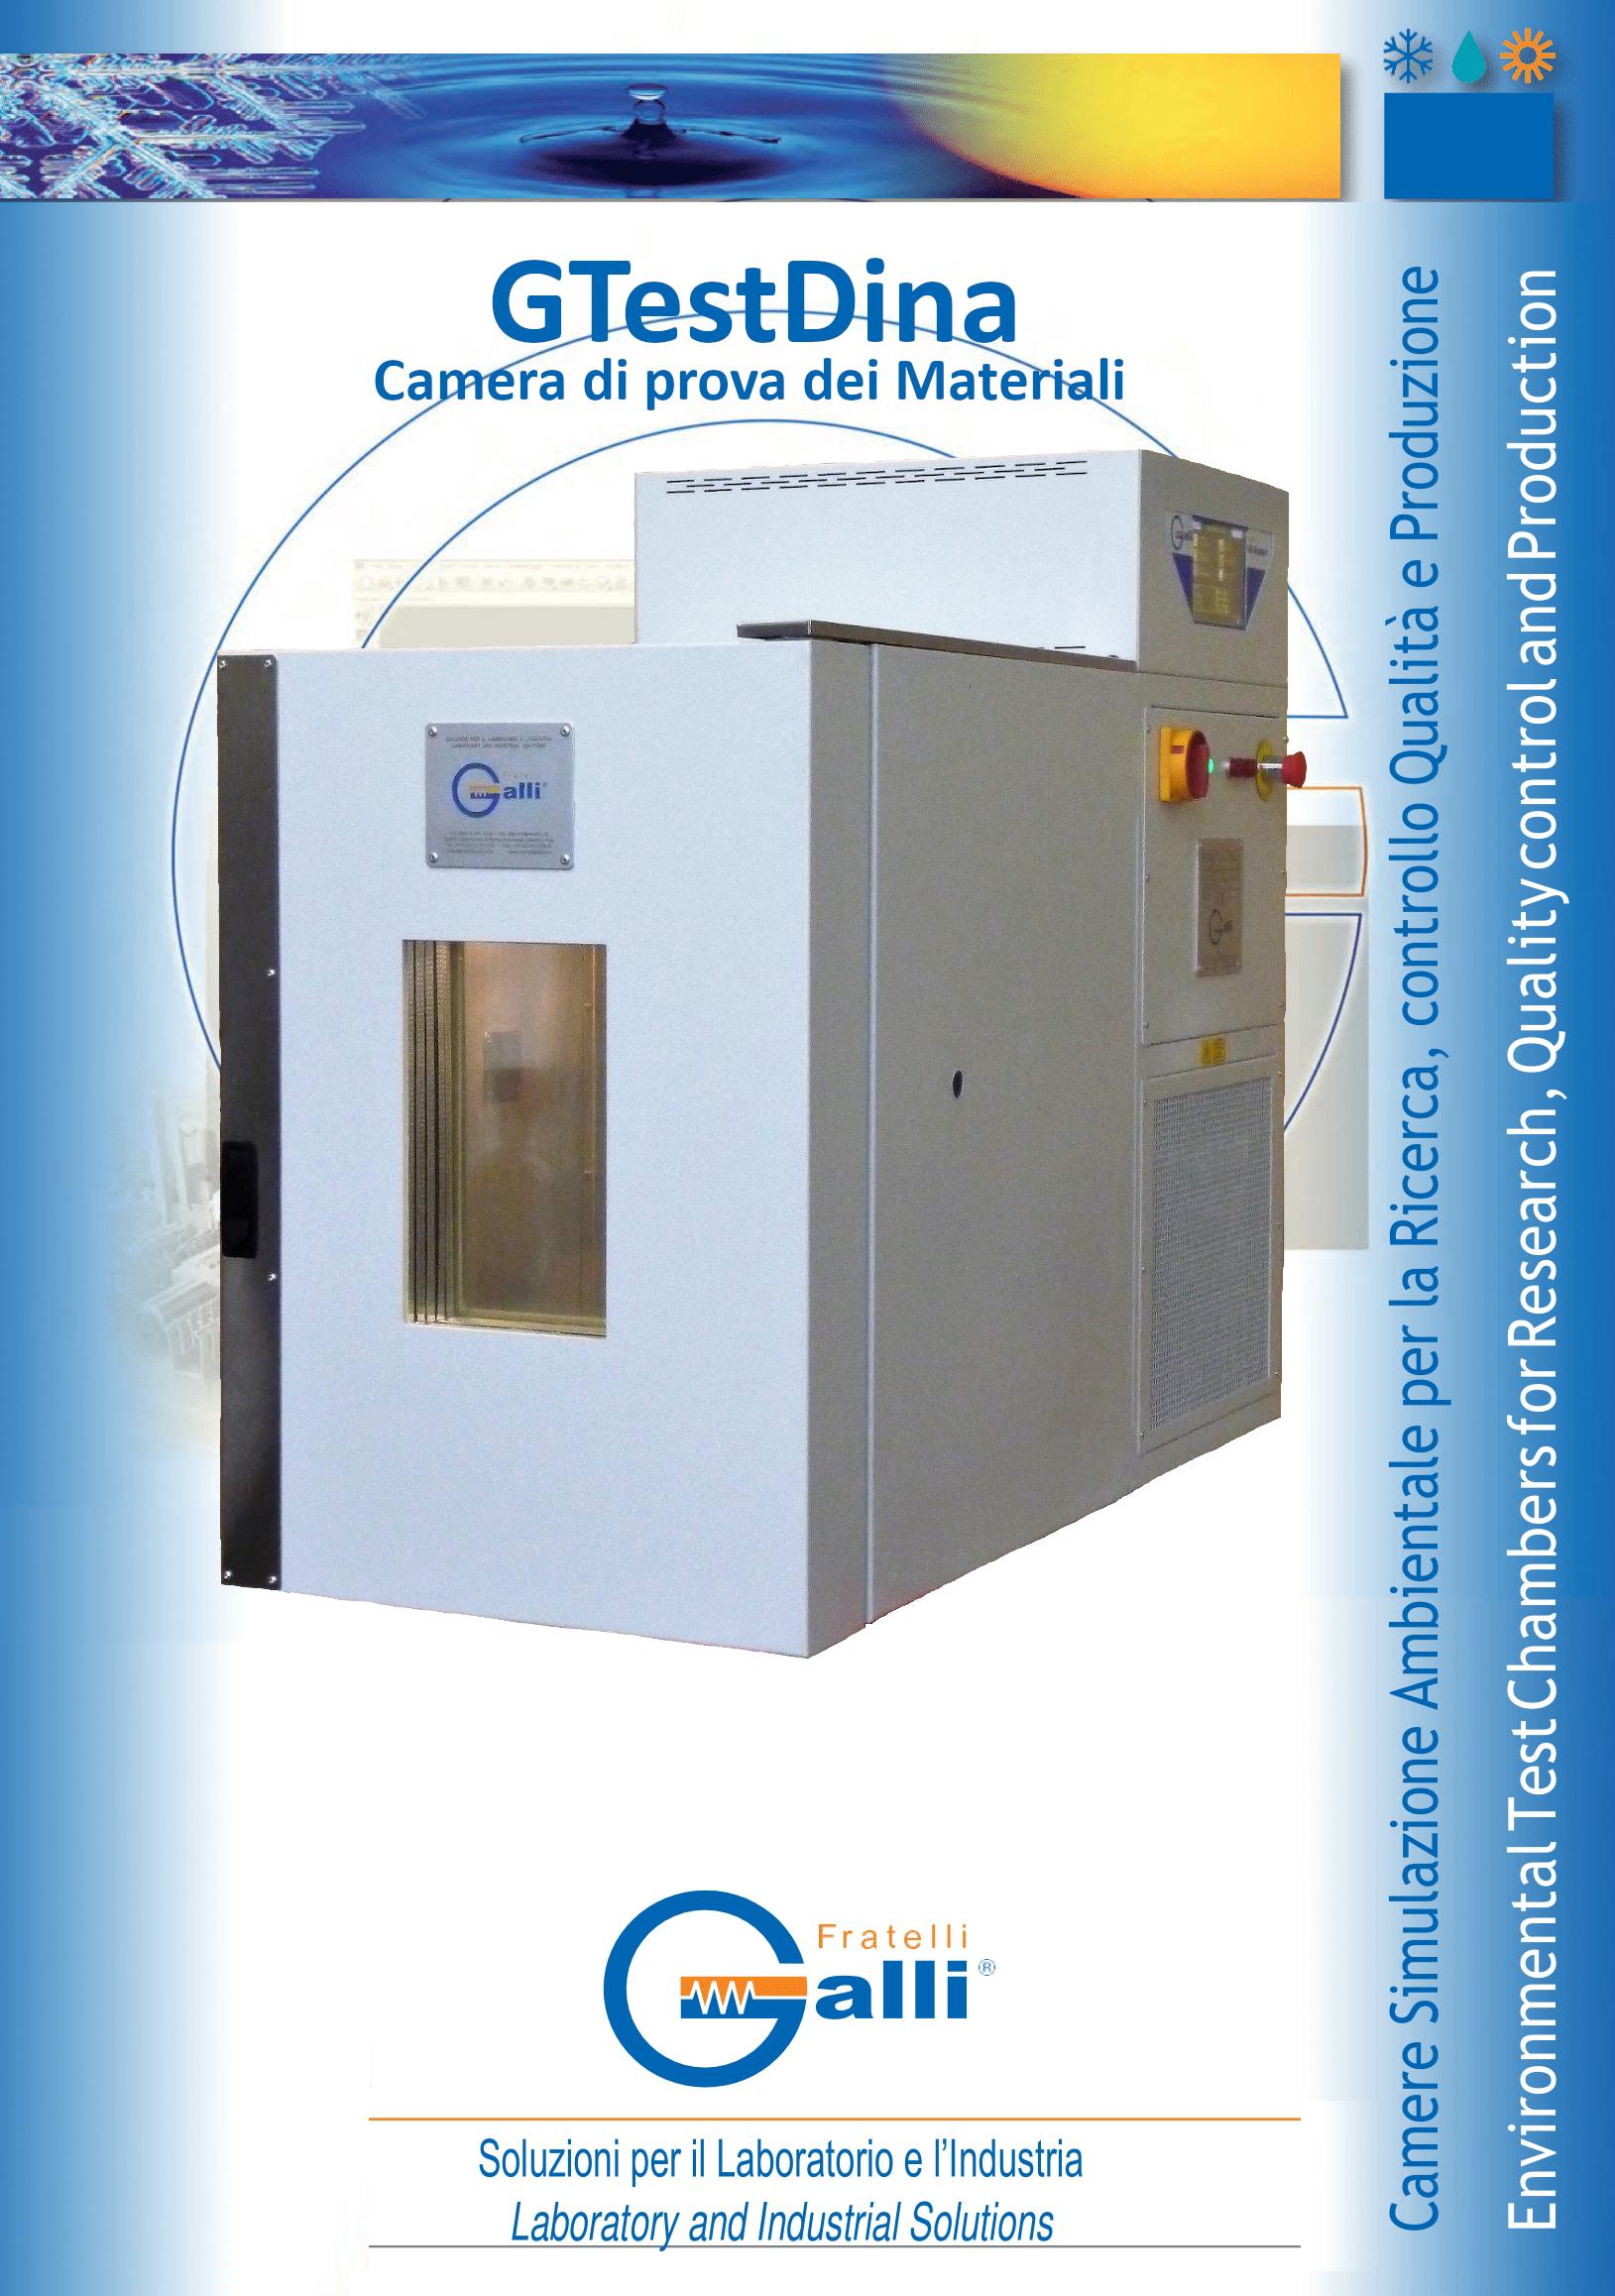 GTestDina-Camera Prove Materiali-Cella Climatica-Climatic Chamber